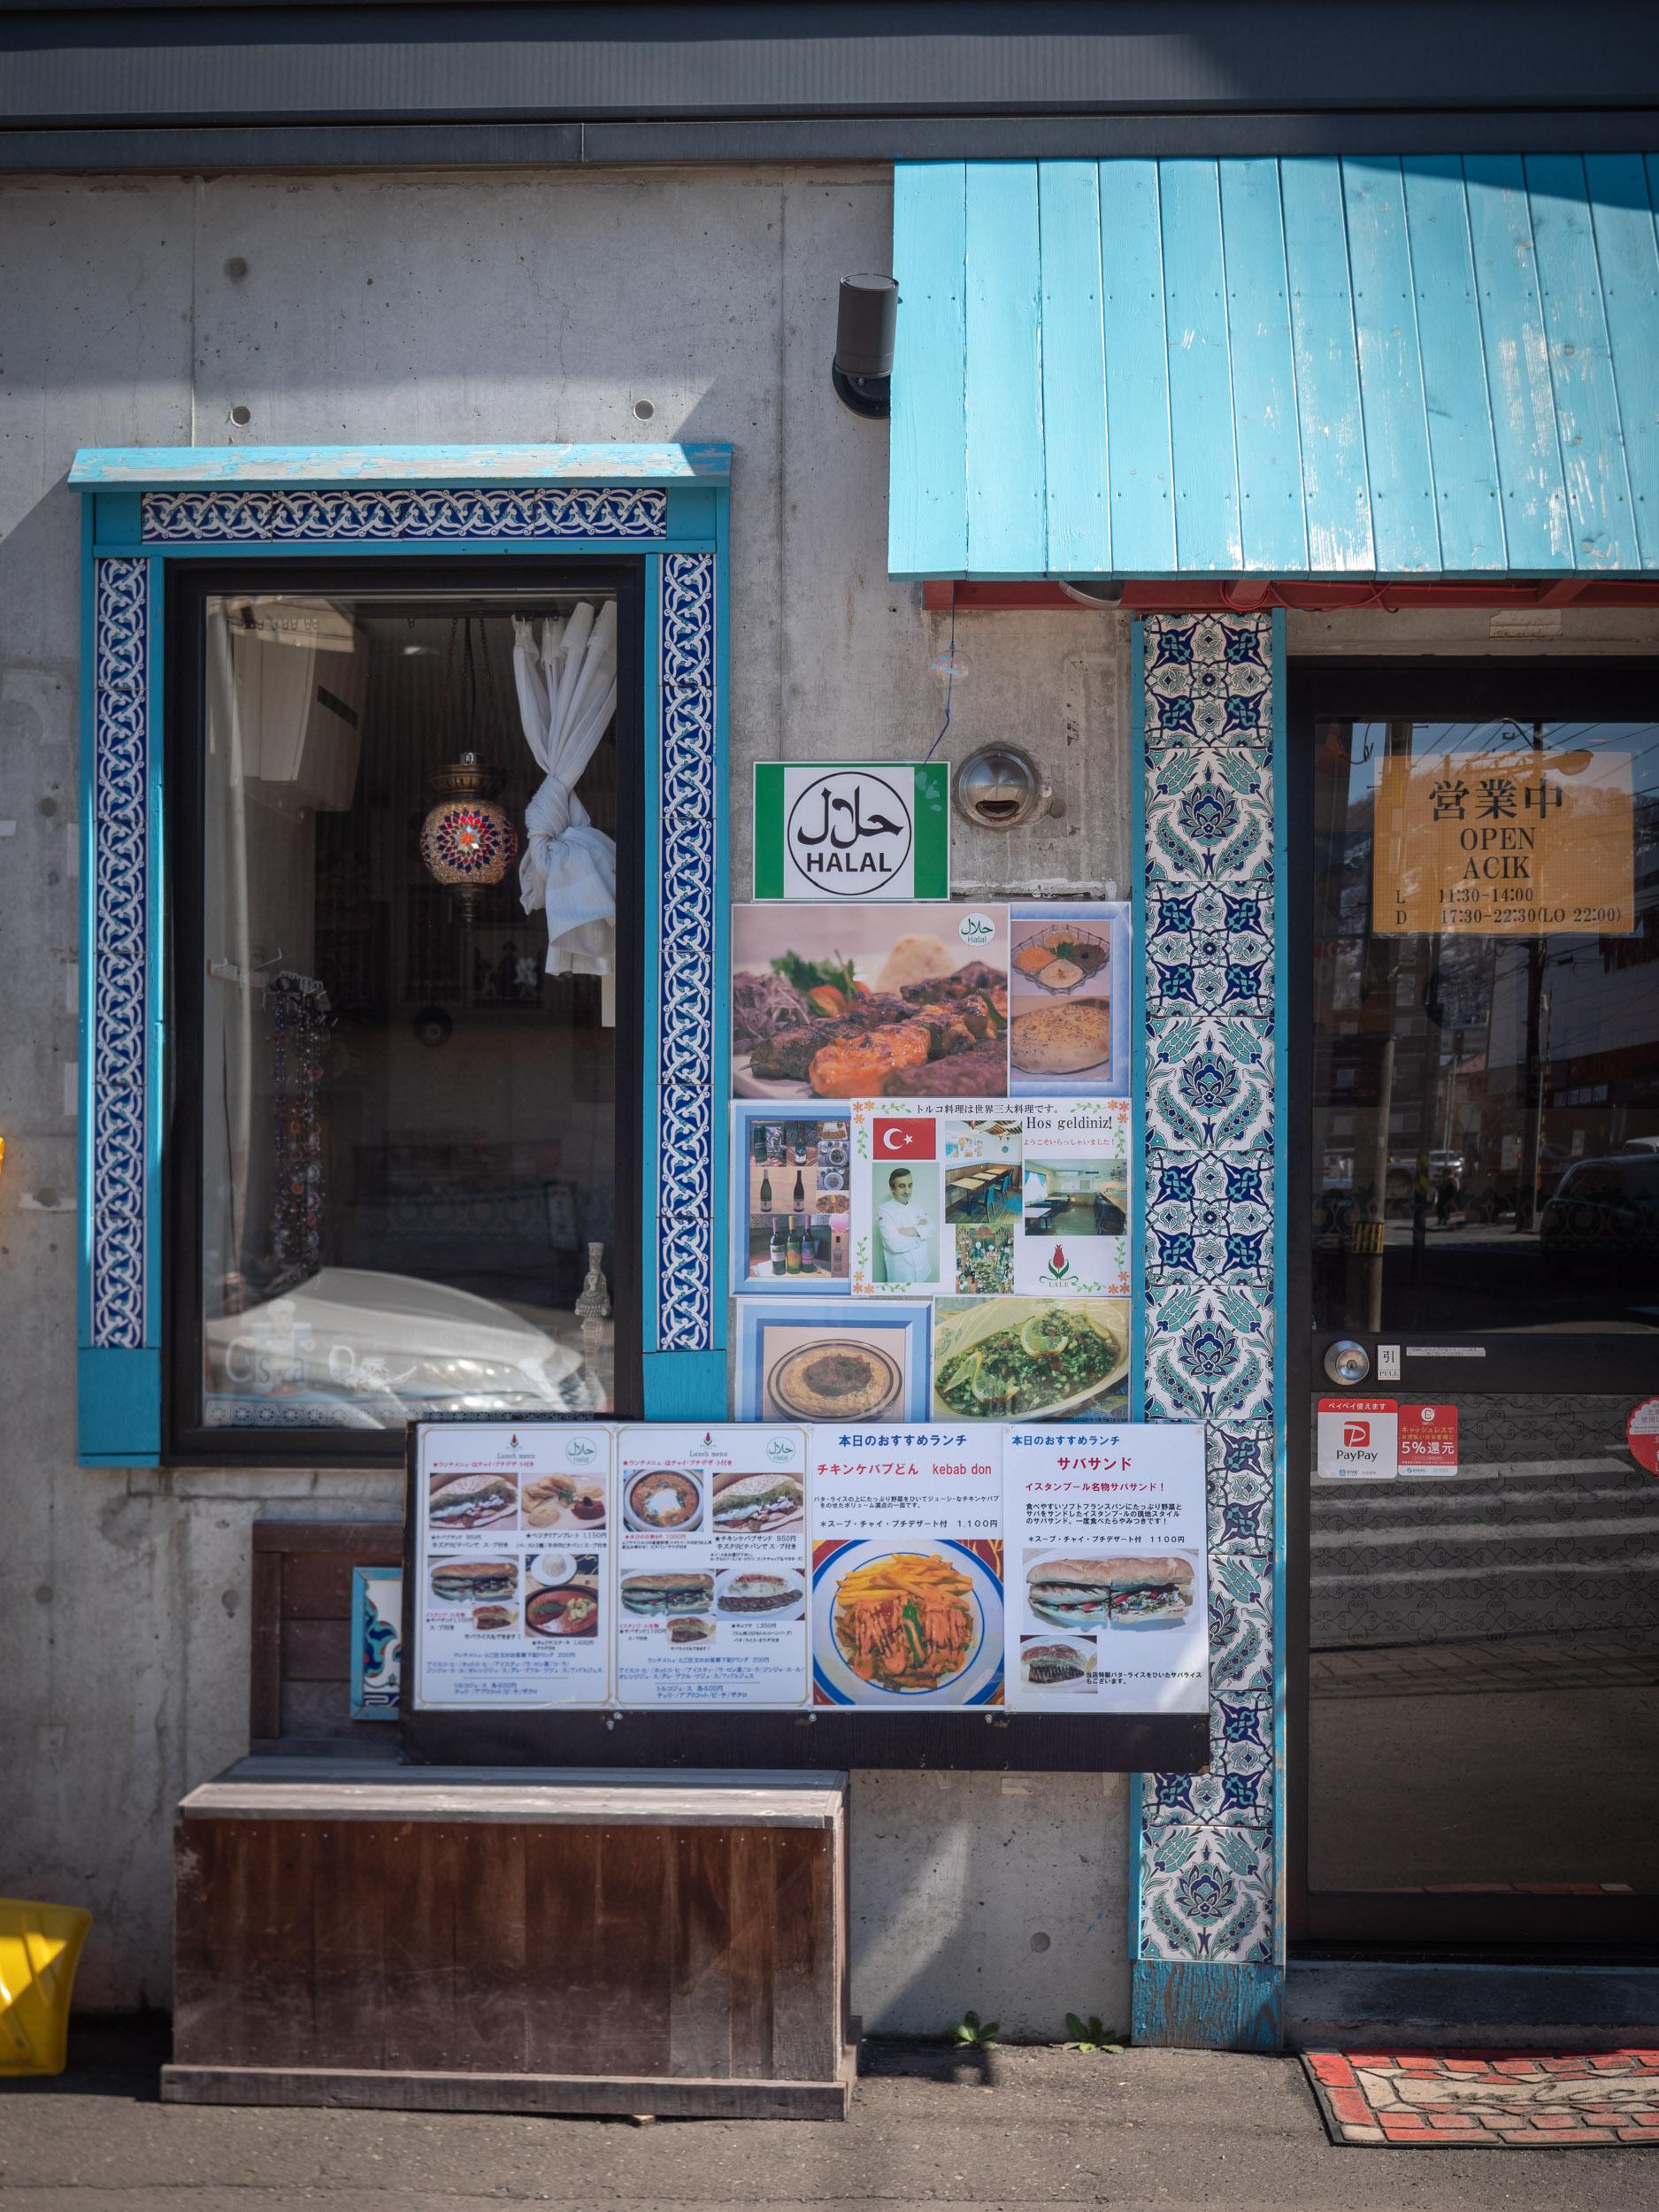 札幌市中央区南6条西14丁目1−20トルコ カフェ&レストラン「ラーレ」の入口 DMC-GX8 + LEICA DG 12-60mm